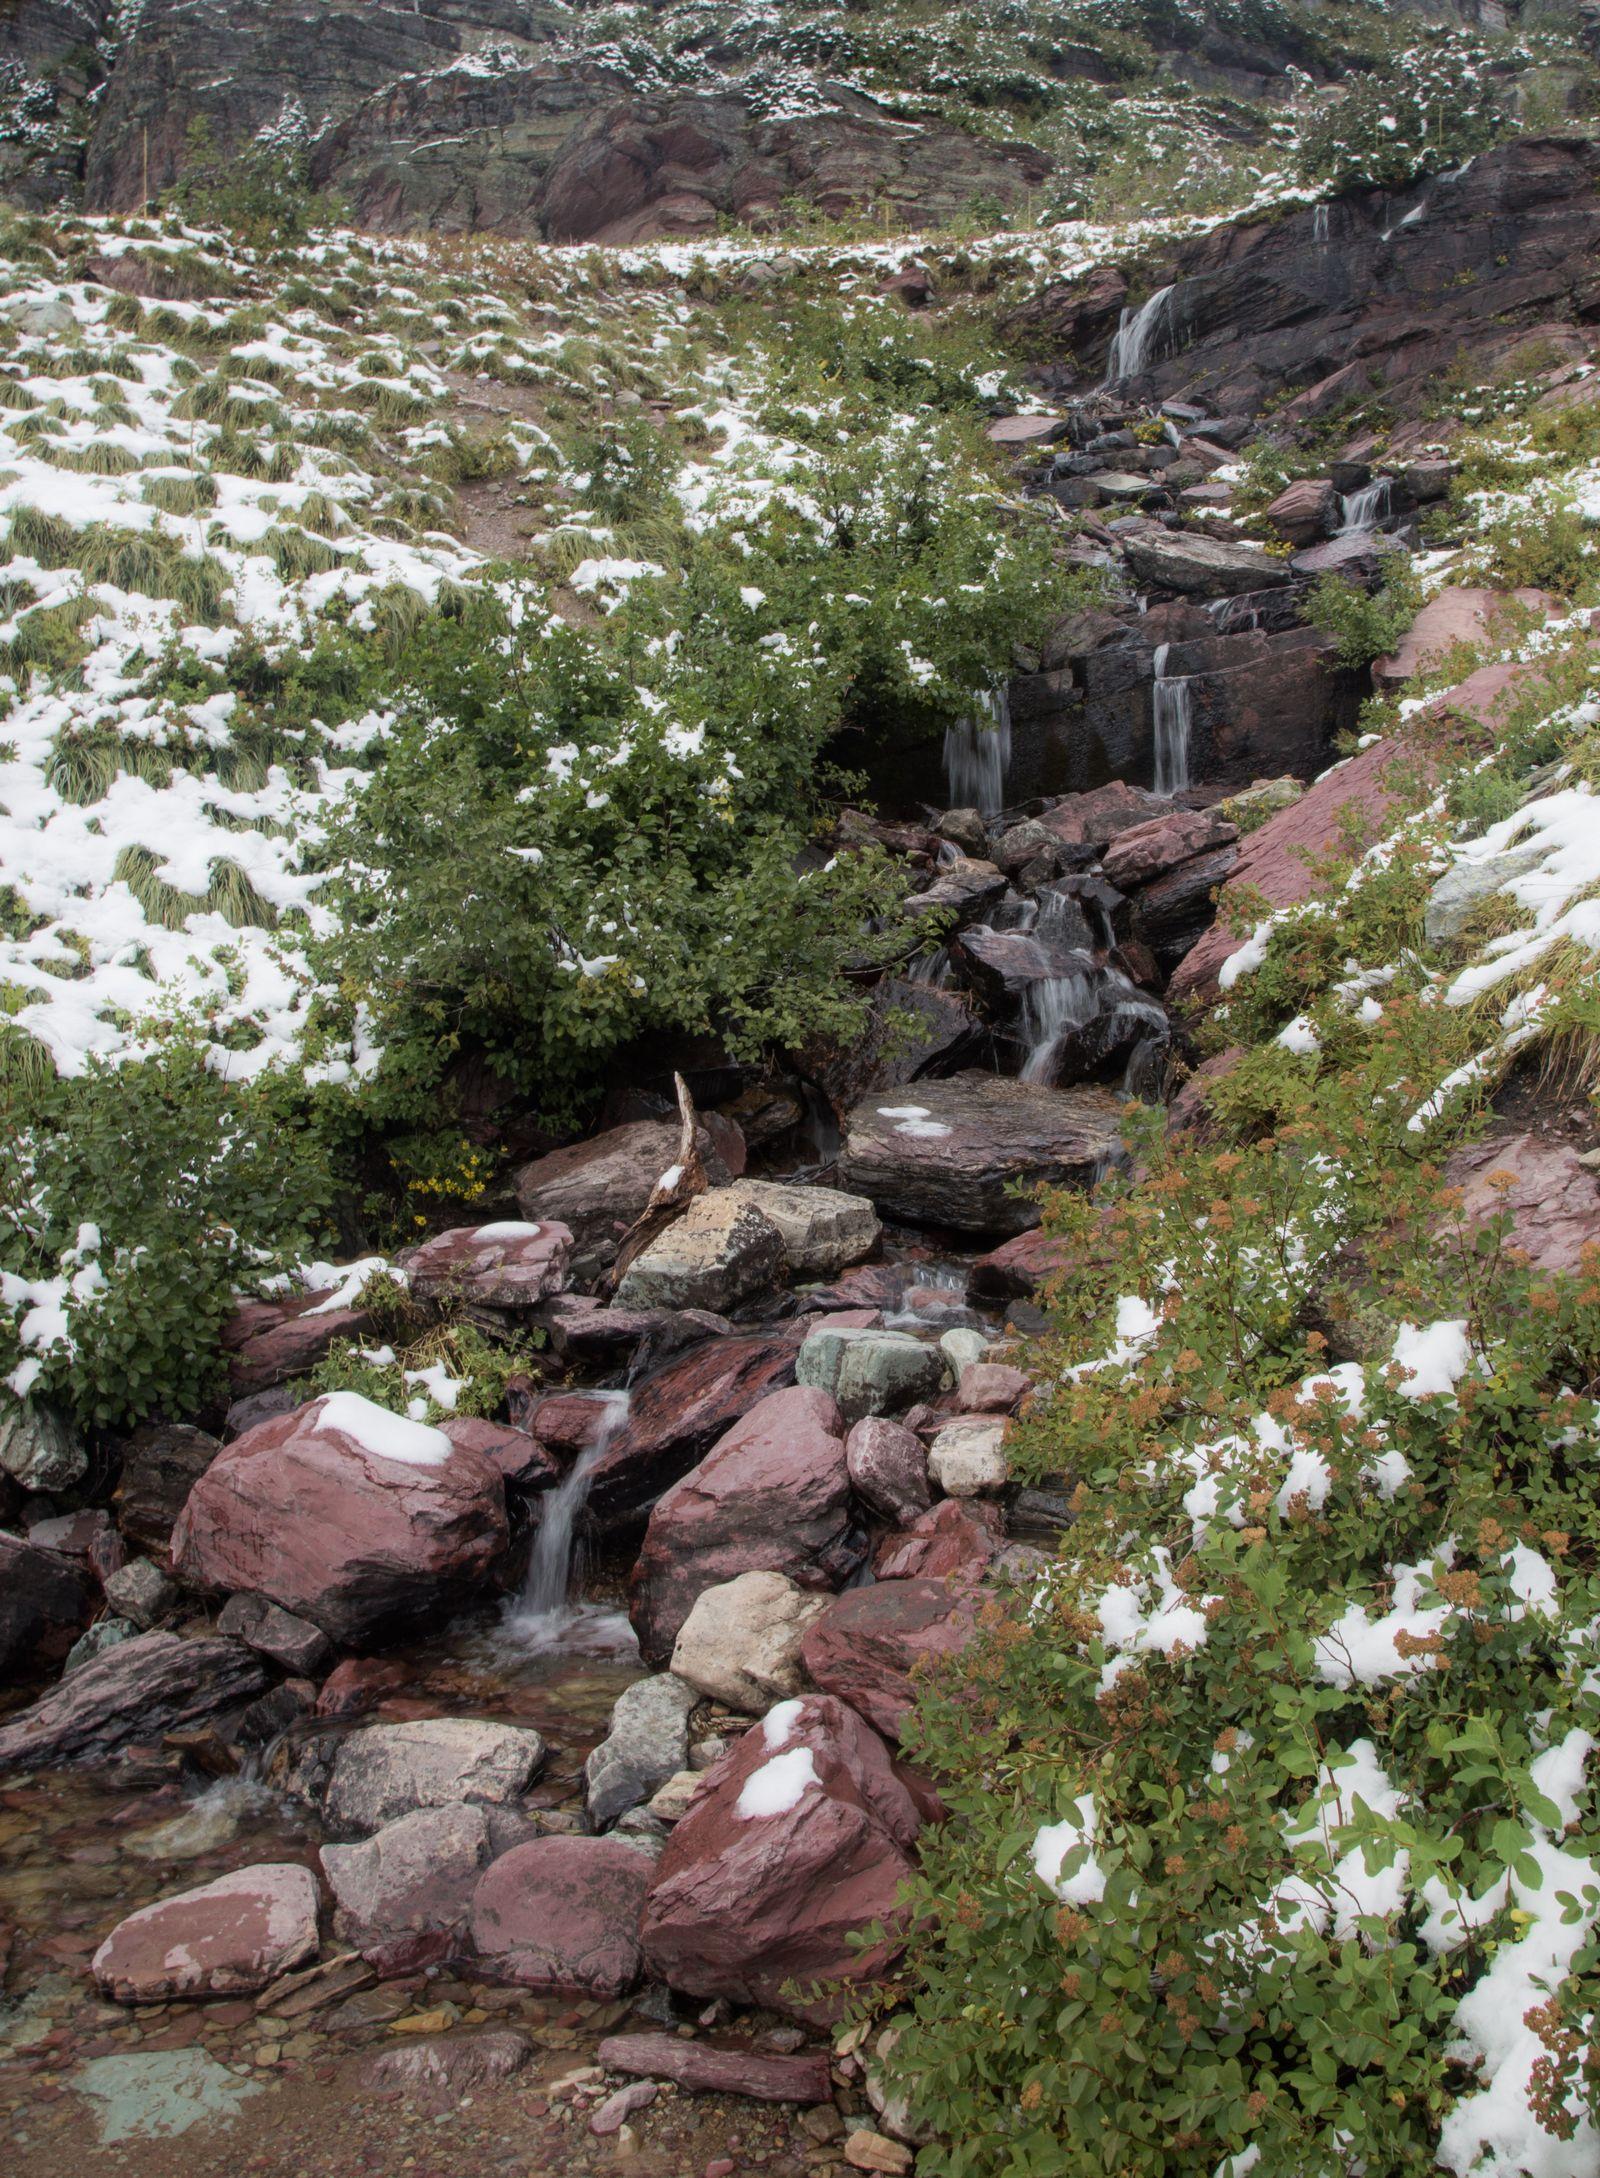 Donde hay nieve, también suele haber agua